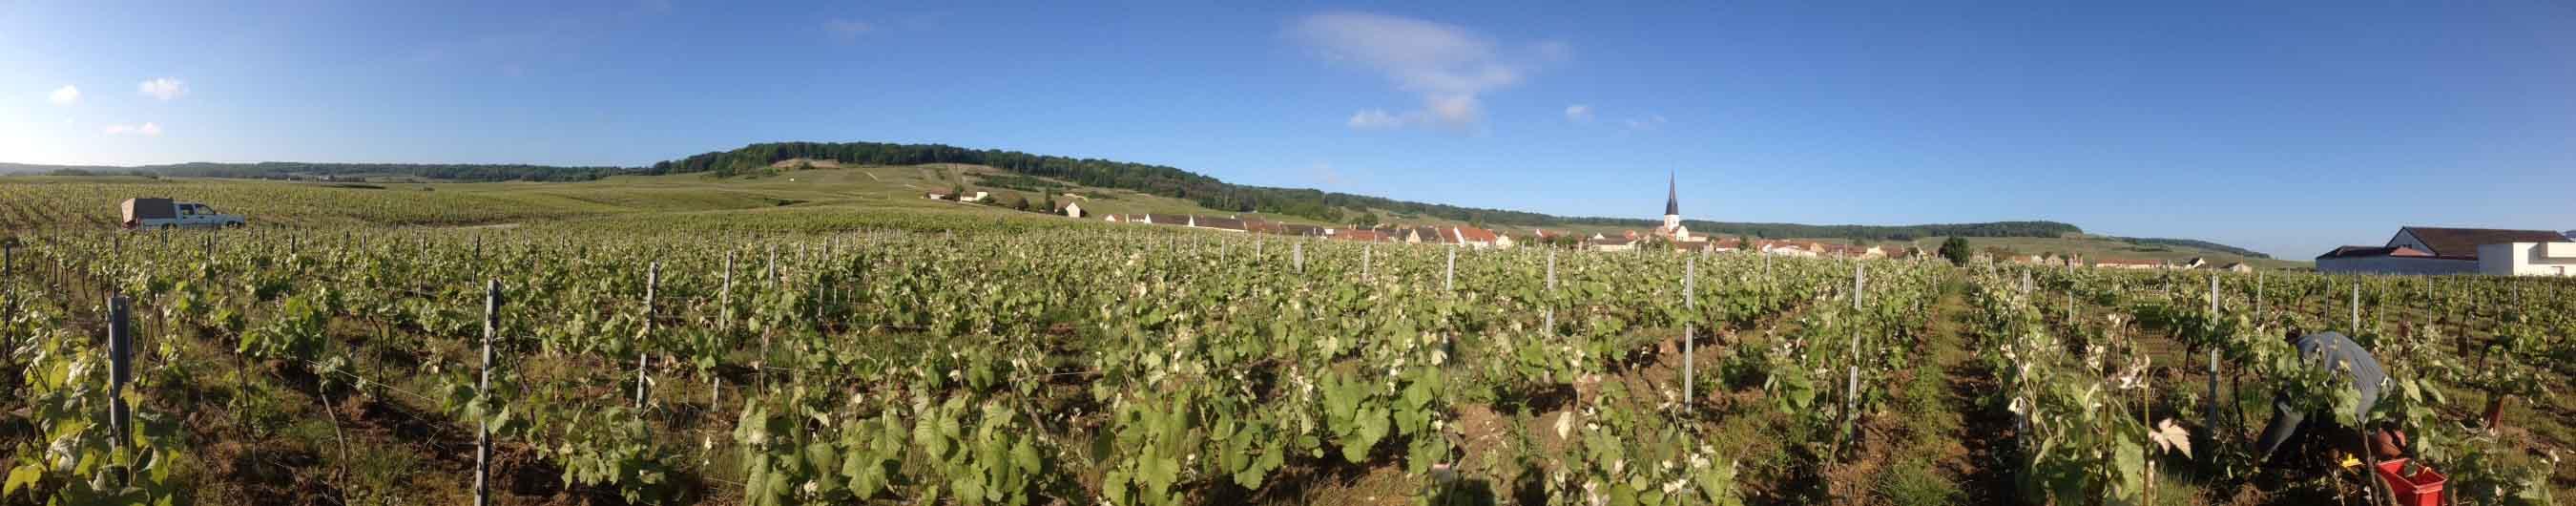 démarche raisonnée viticulture champagne labbé